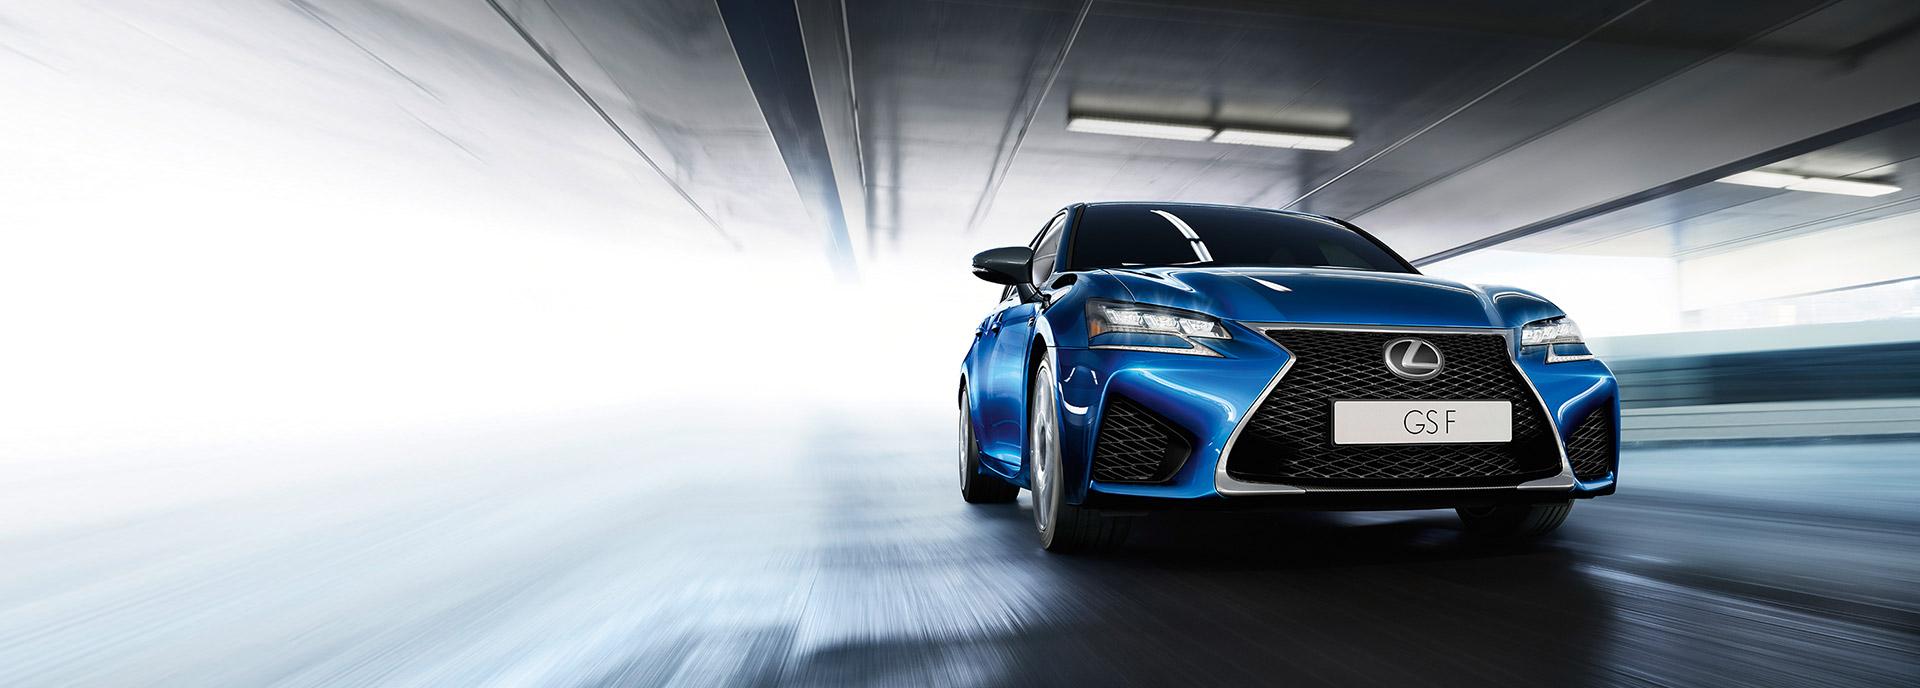 Een rijdende Lexus GS F in sapphire blue